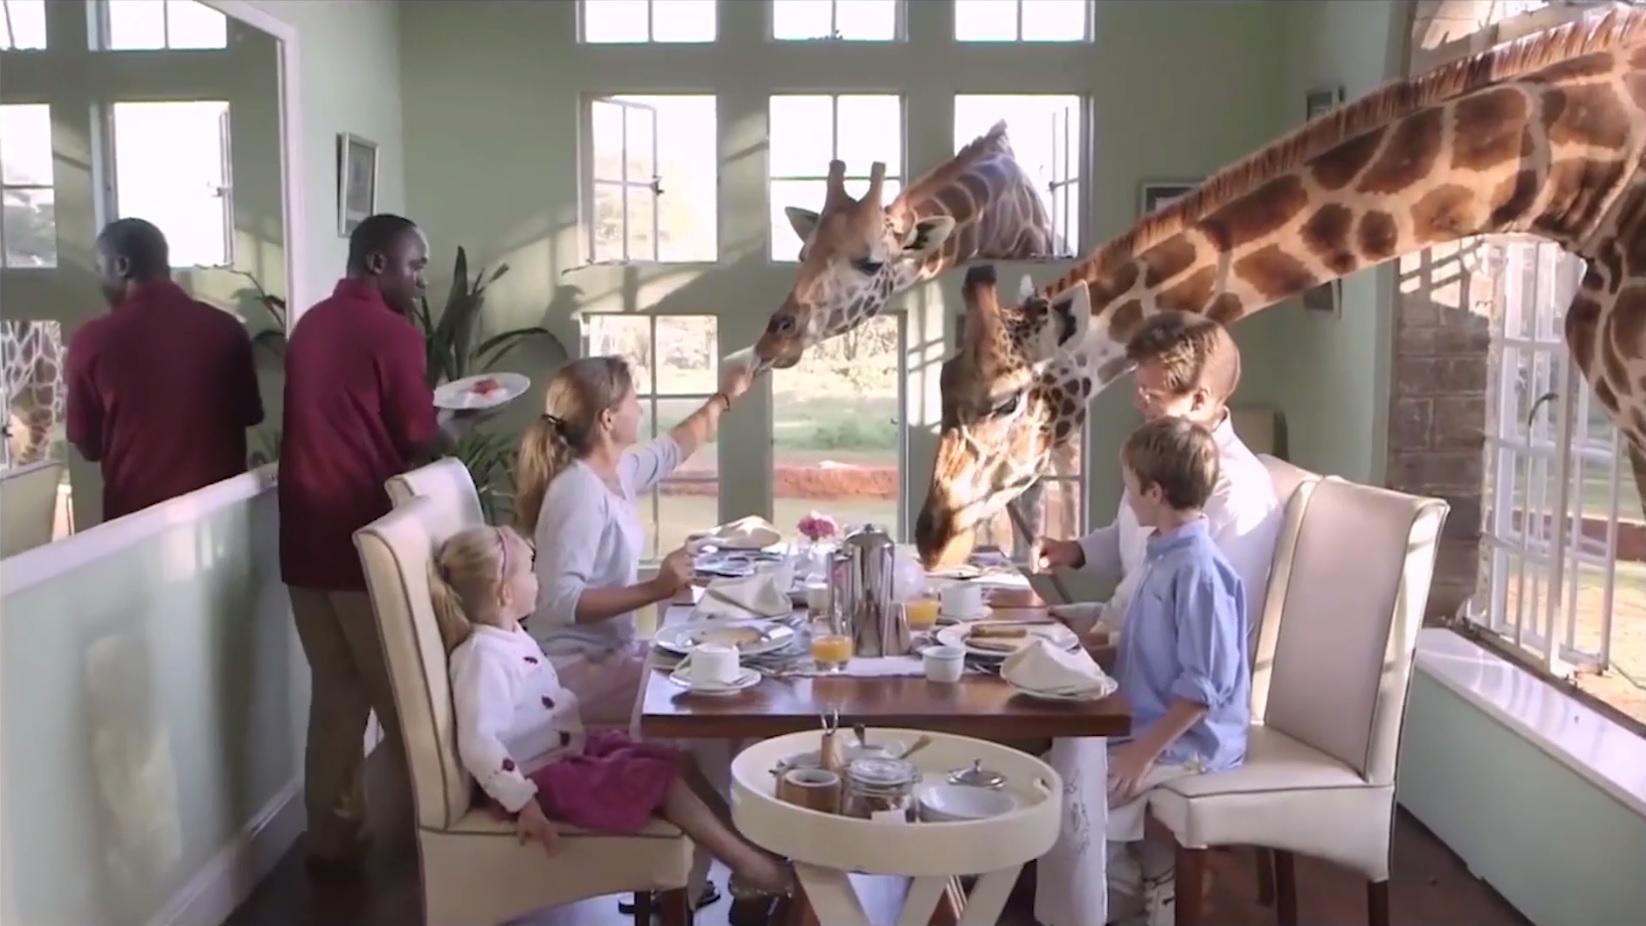 Las jirafas tienen su propio santuario en el Giraffe Center de Nairobi, en Kenia